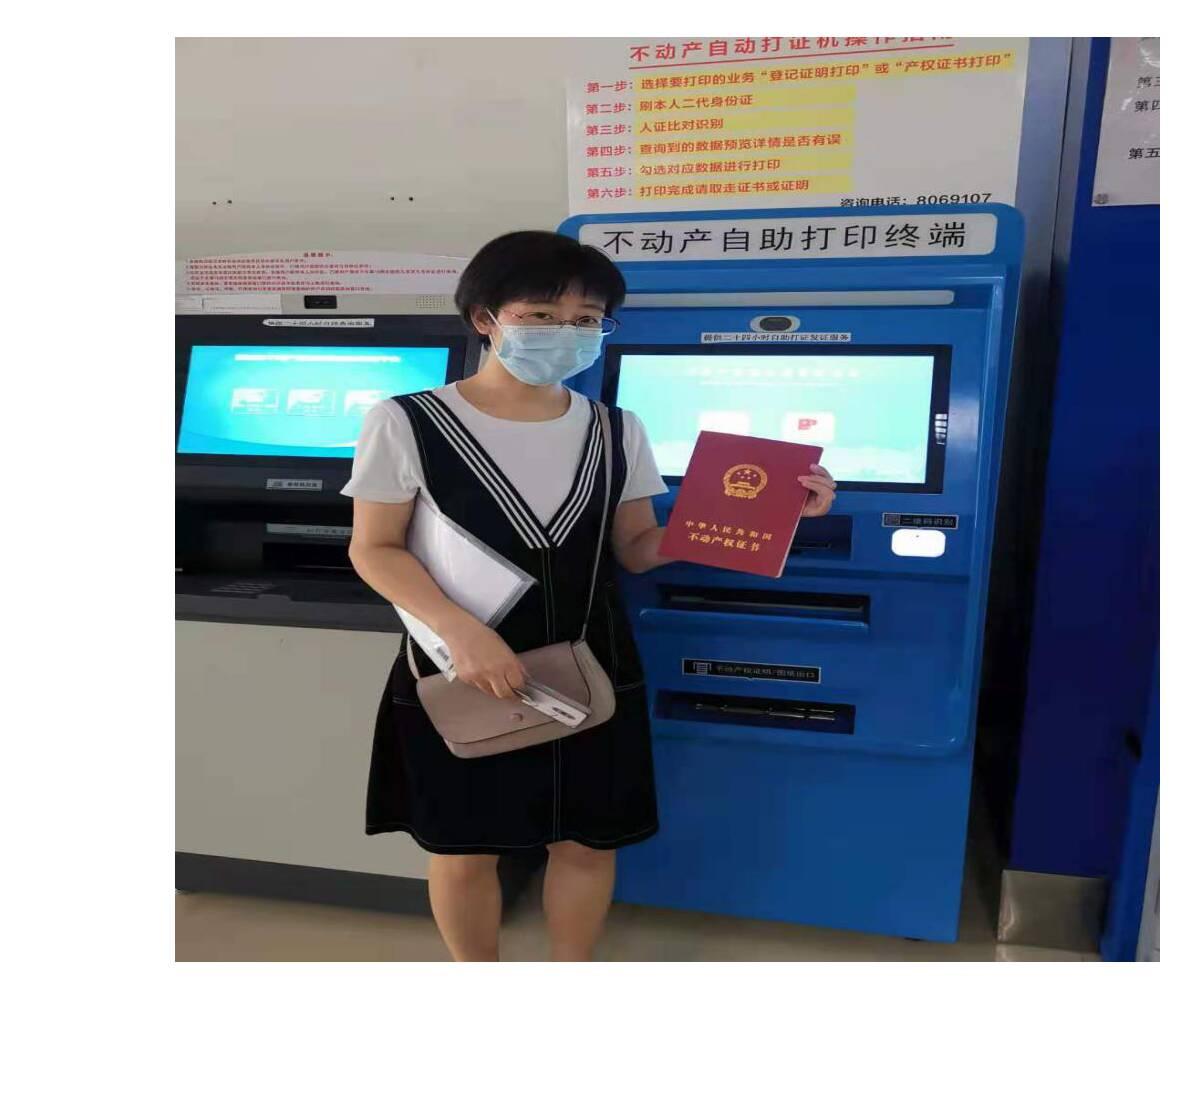 烟台招远市不动产中心24小时自助查询机、自助打印机正式上岗